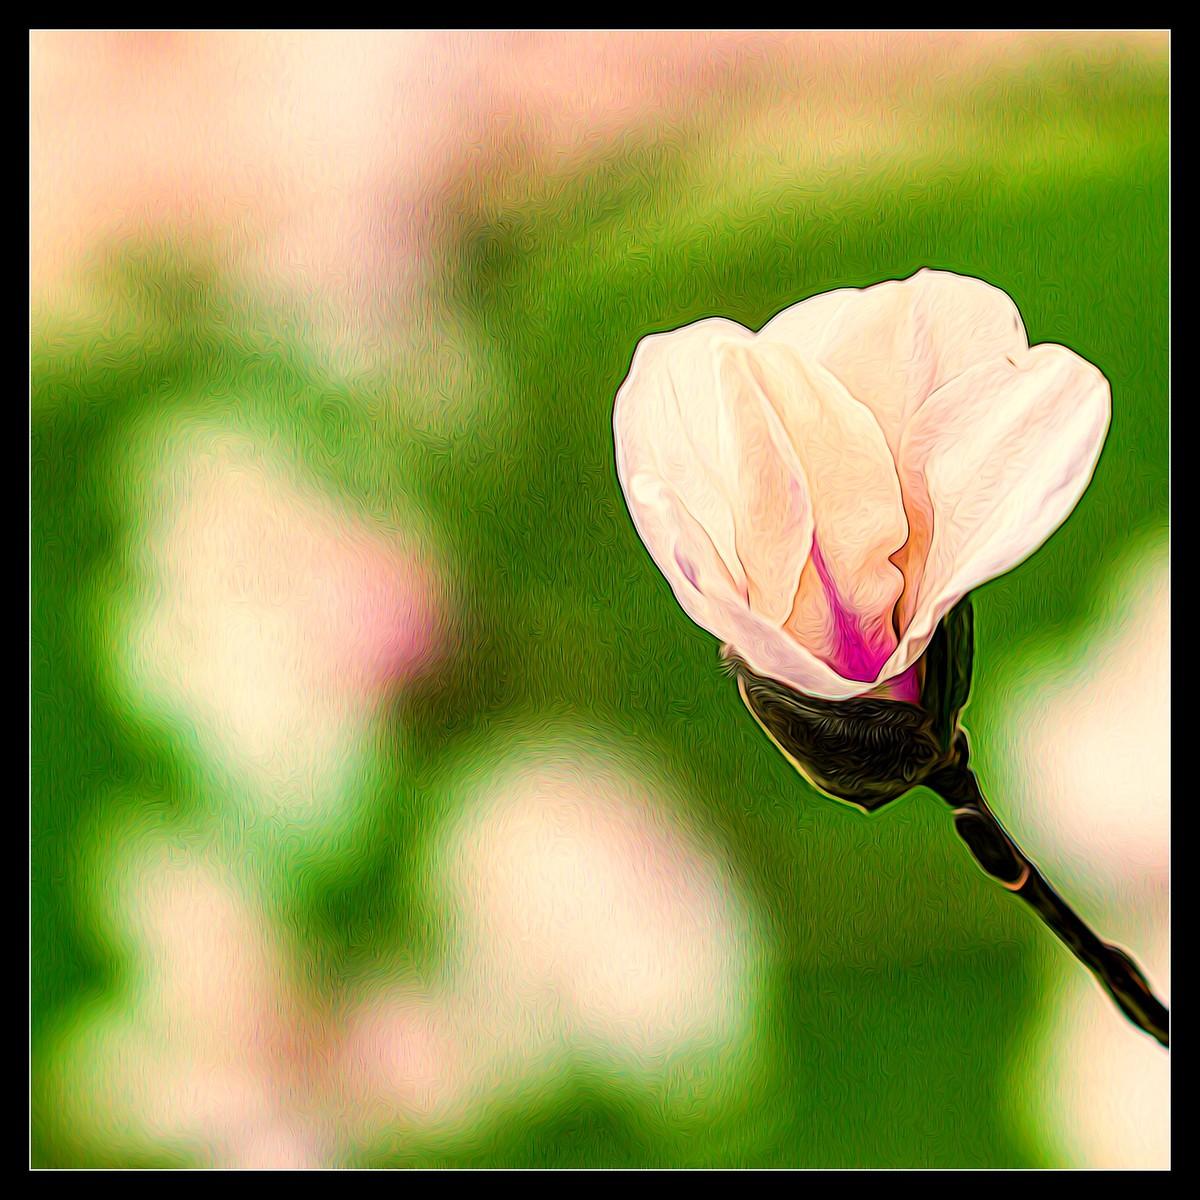 玉蘭花開春色到_圖1-4